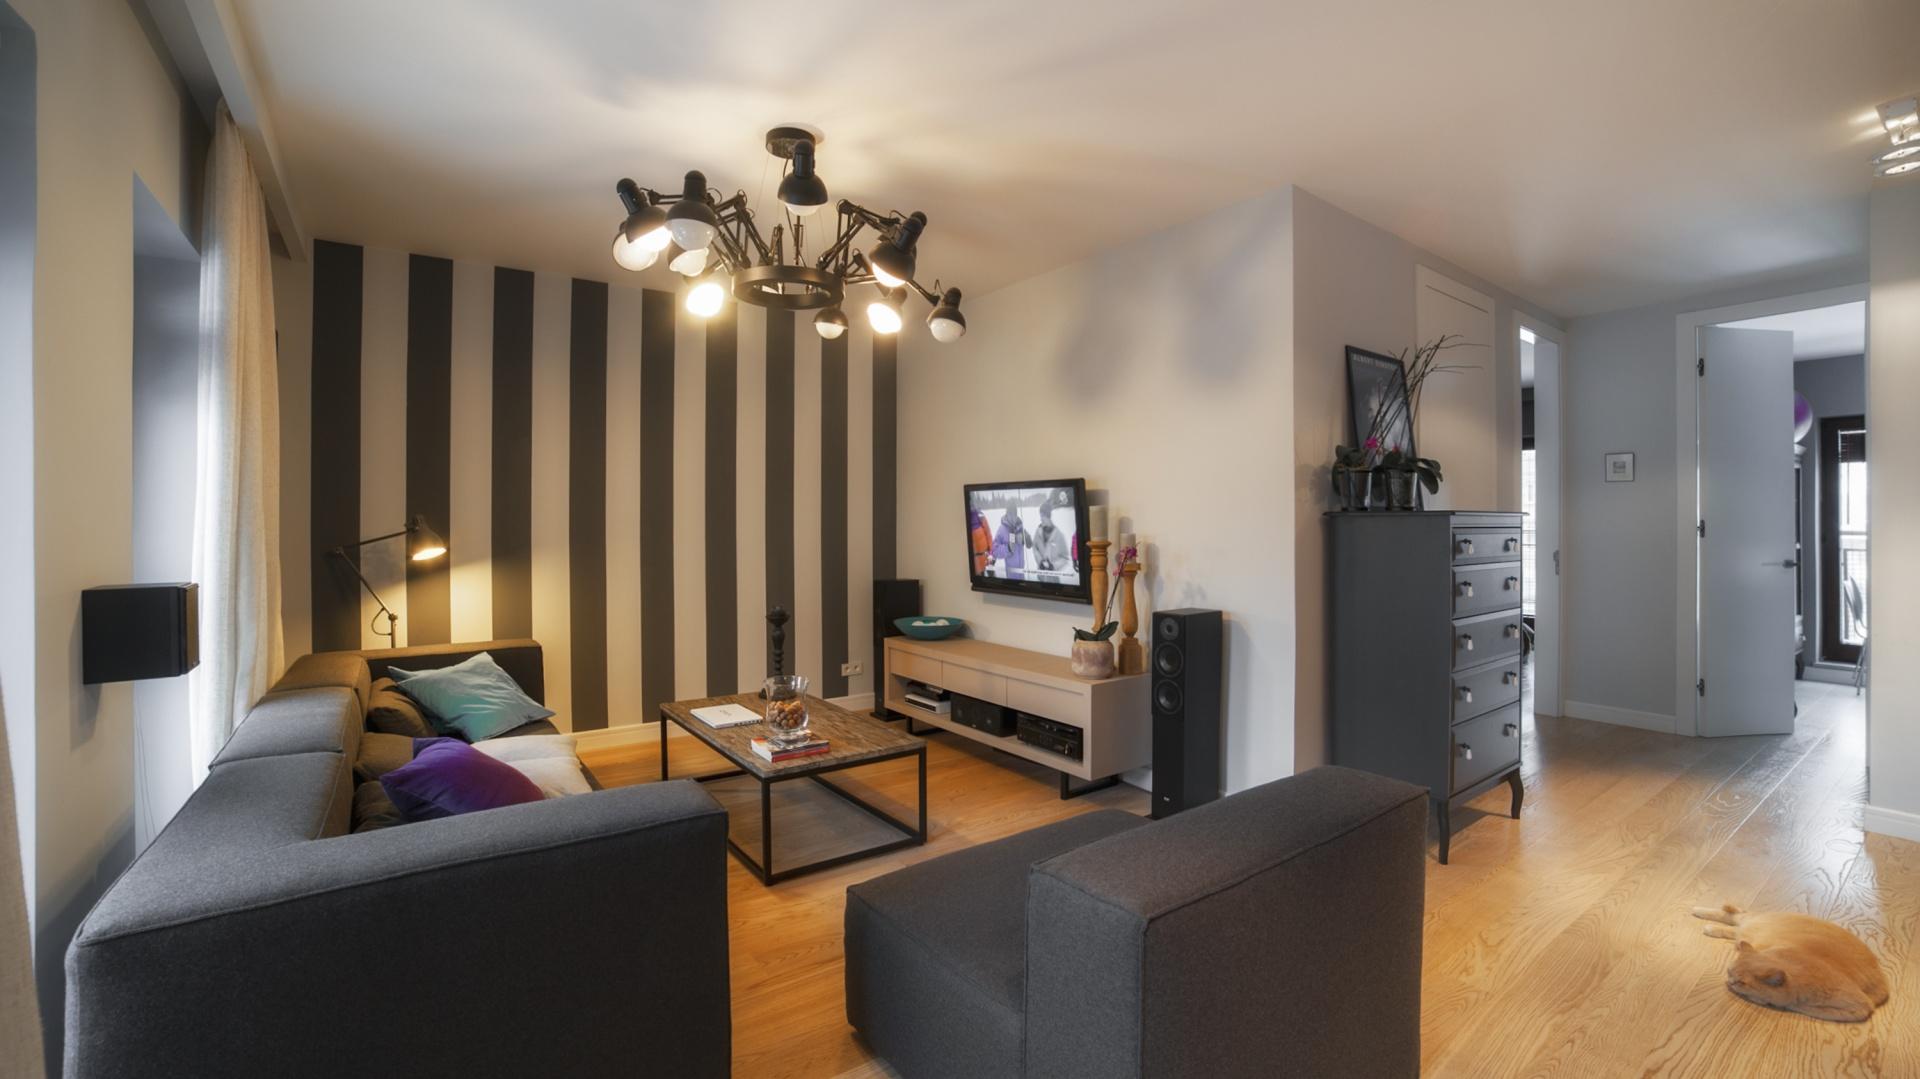 Kącik wypoczynkowy w salonie zlokalizowano we wnęce. Najgłębiej położoną ścianę pokrywa tapeta w pionowe pasy w tym samym kolorze co meble wypoczynkowe. Delikatny, elegancki detal dekoracyjny powiększa optycznie wysokość wnętrza i jednocześnie skraca wnękę, unikając efektu